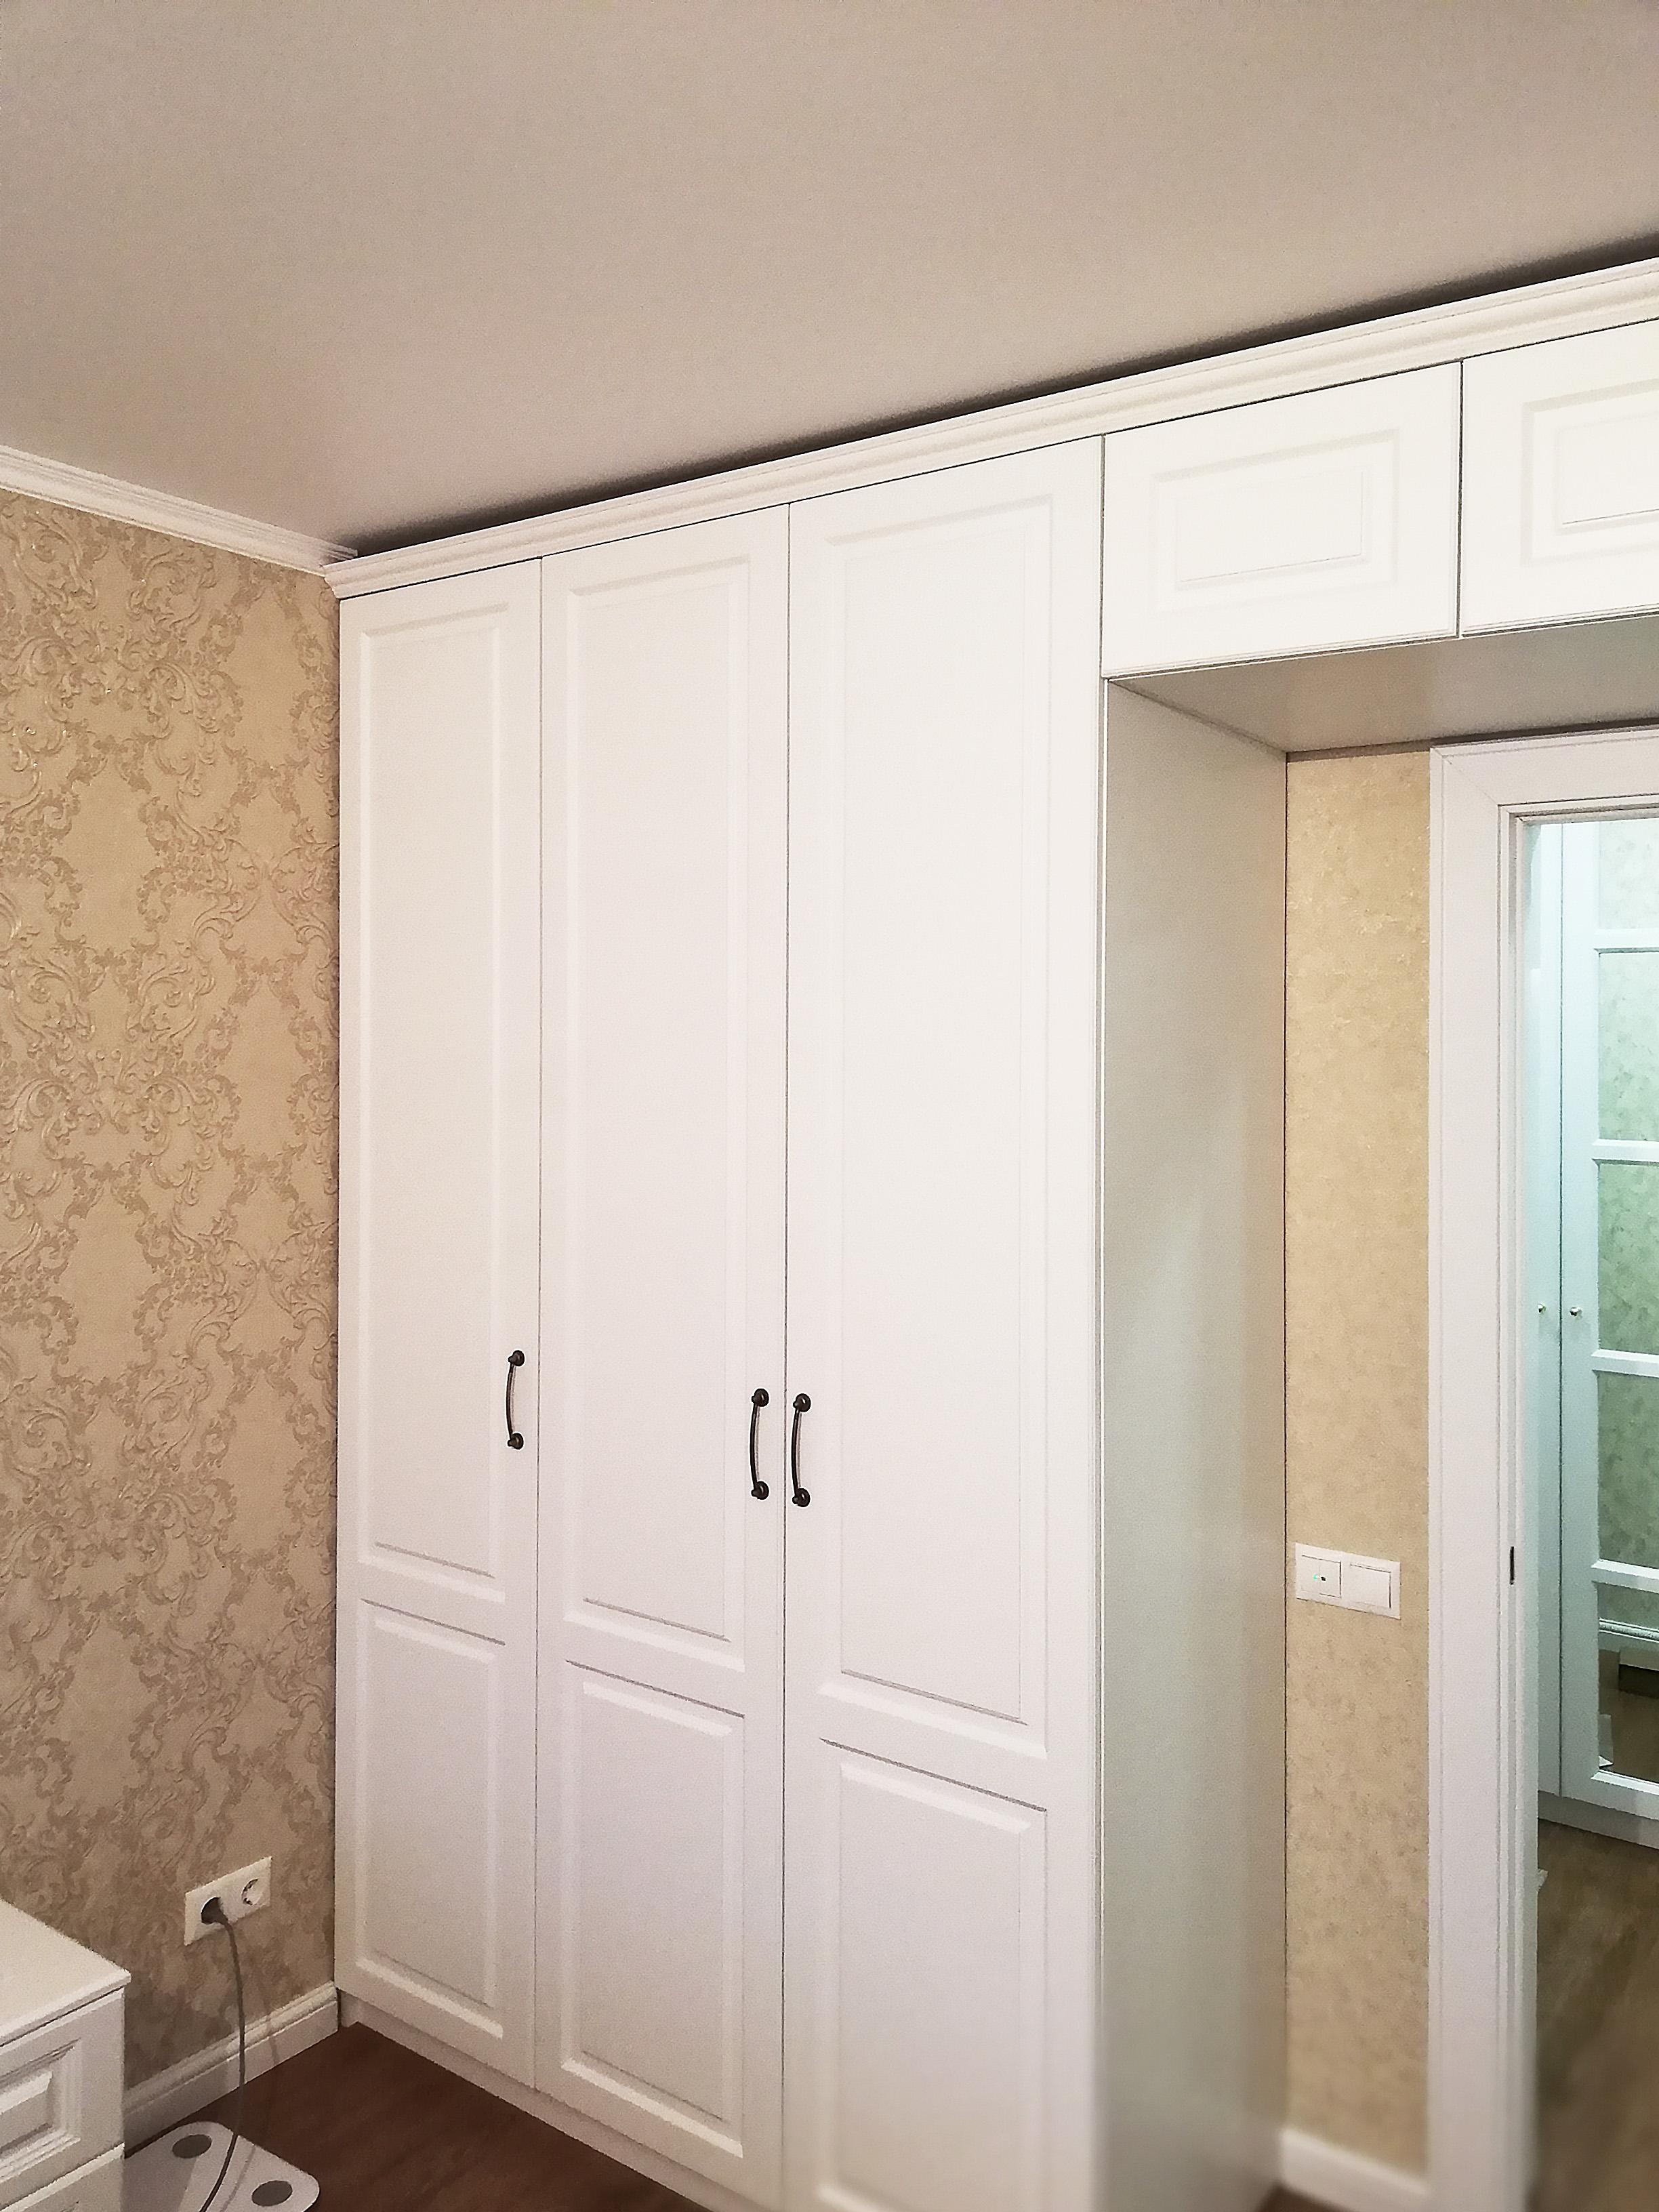 шкаф вокруг дверного проема фото котором дети